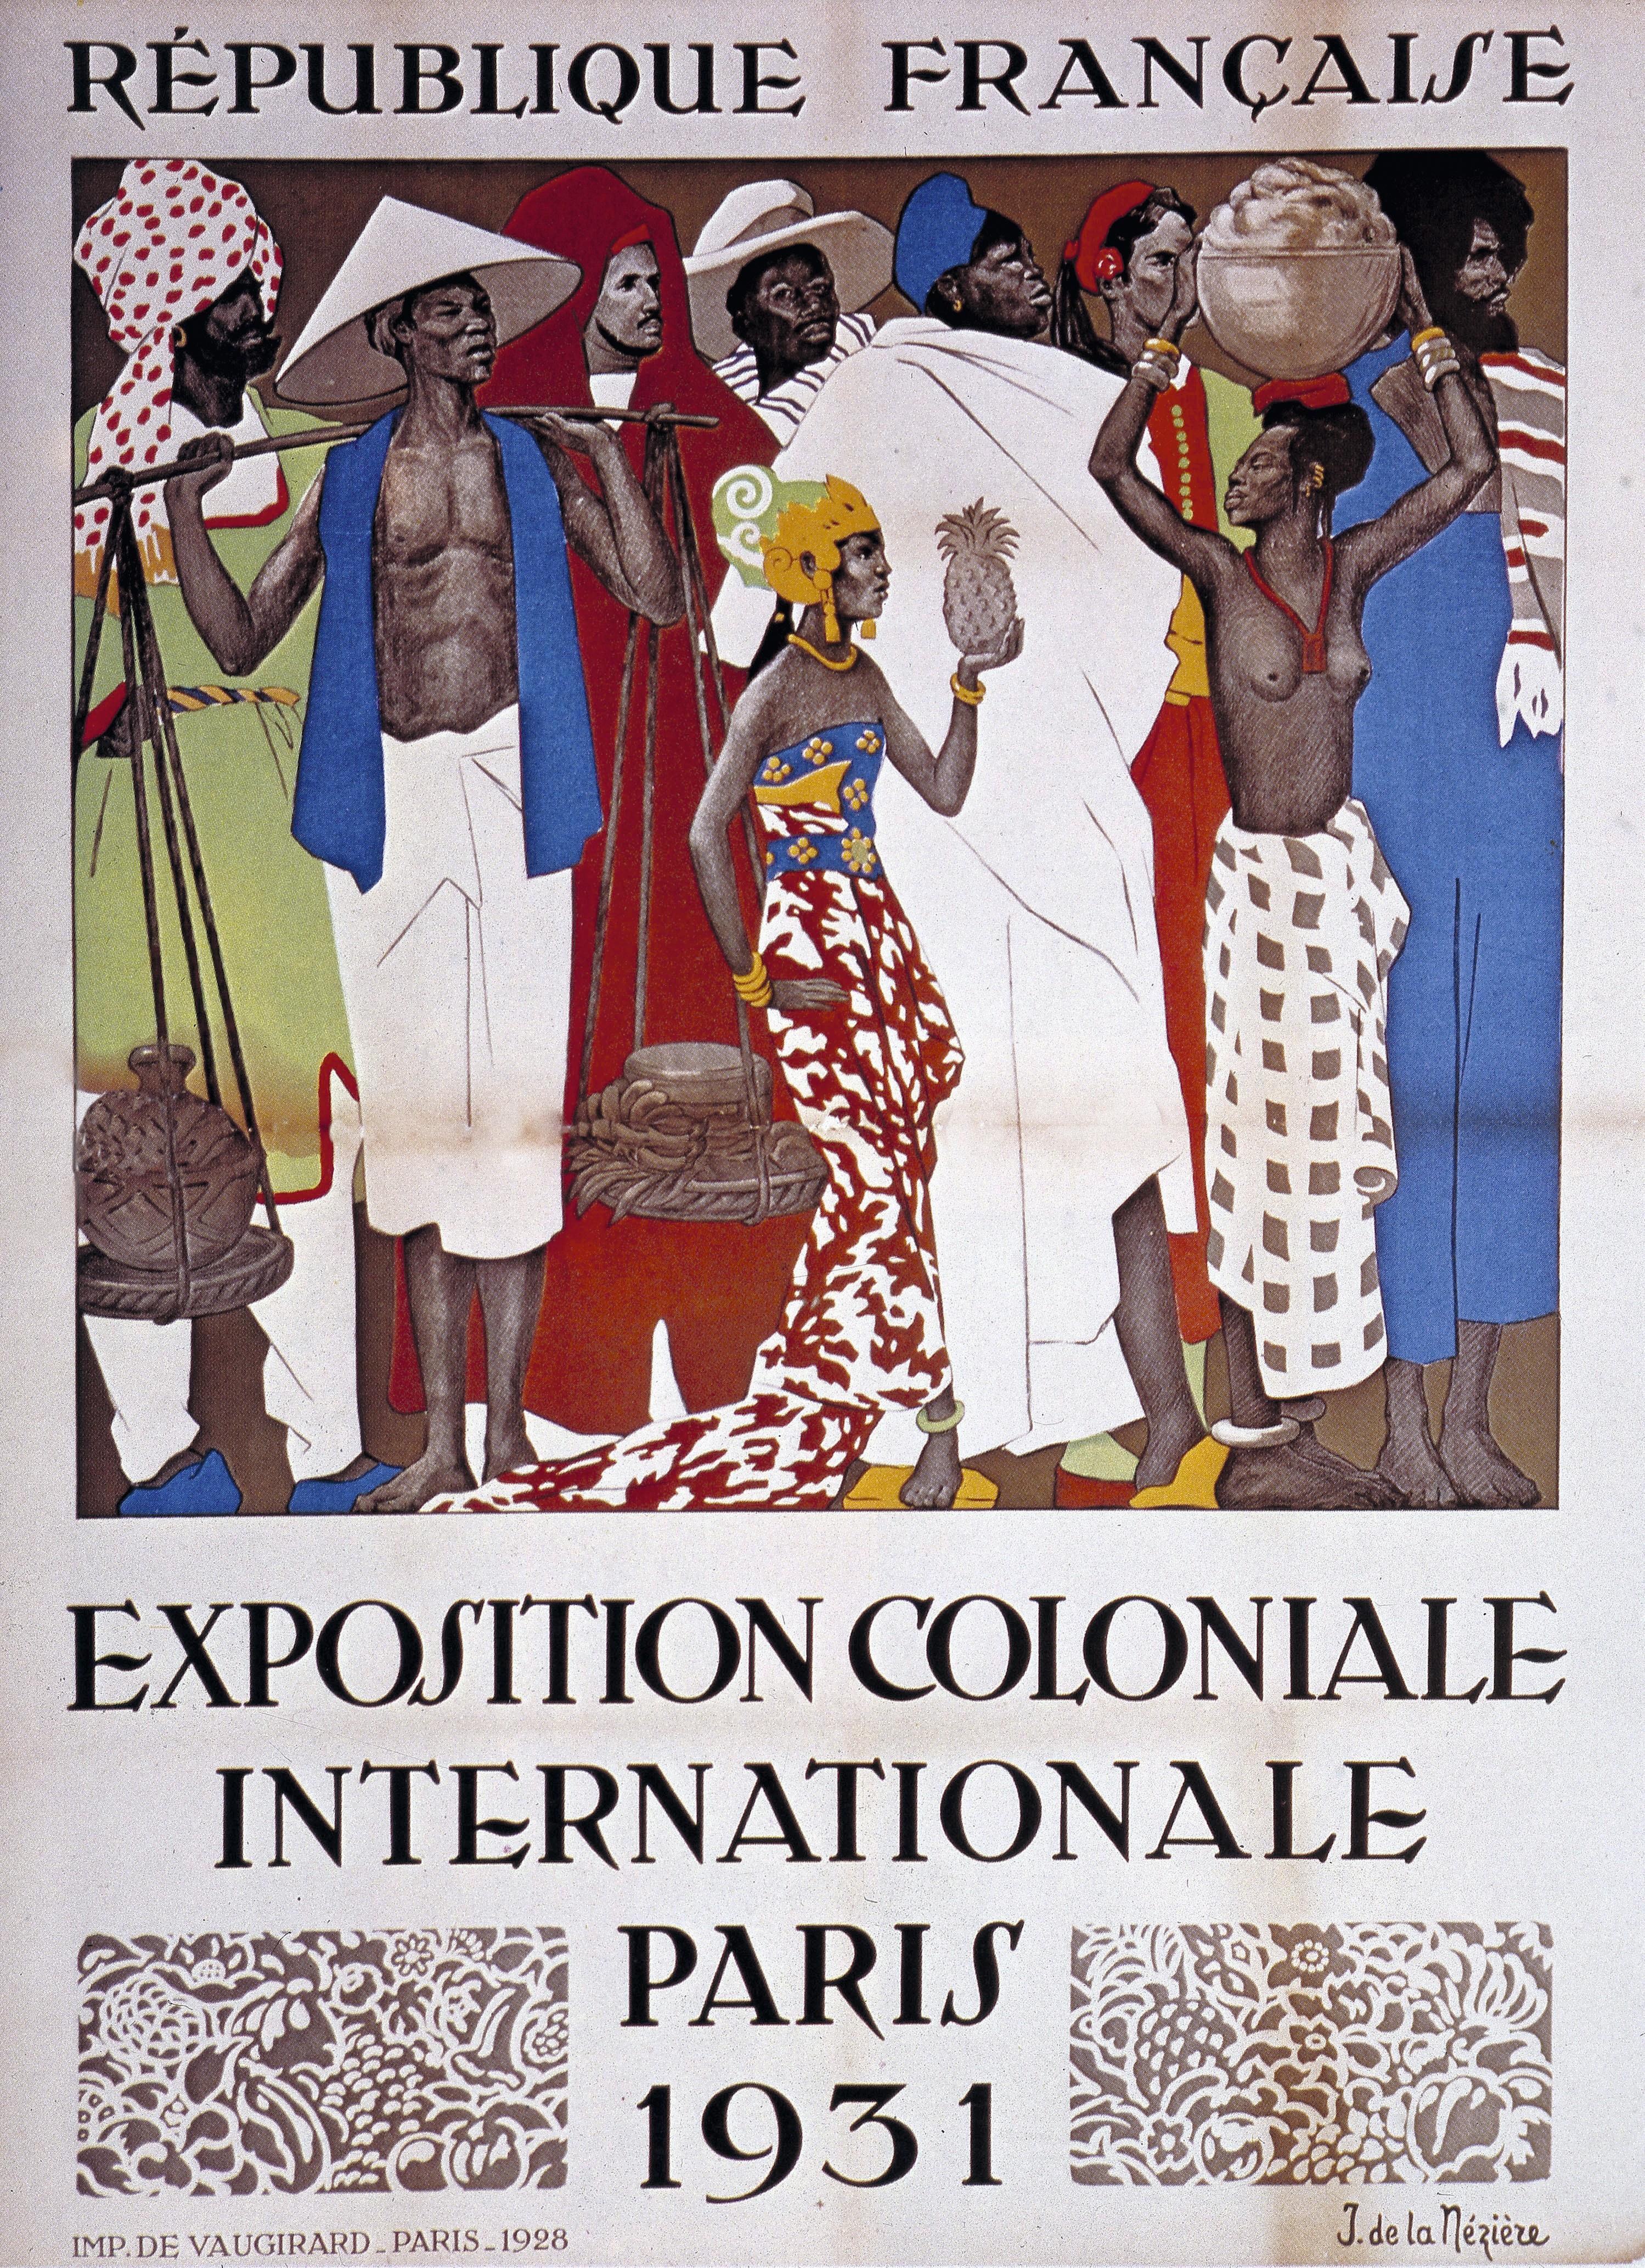 Affiche de l'exposition coloniale de Paris de 1931